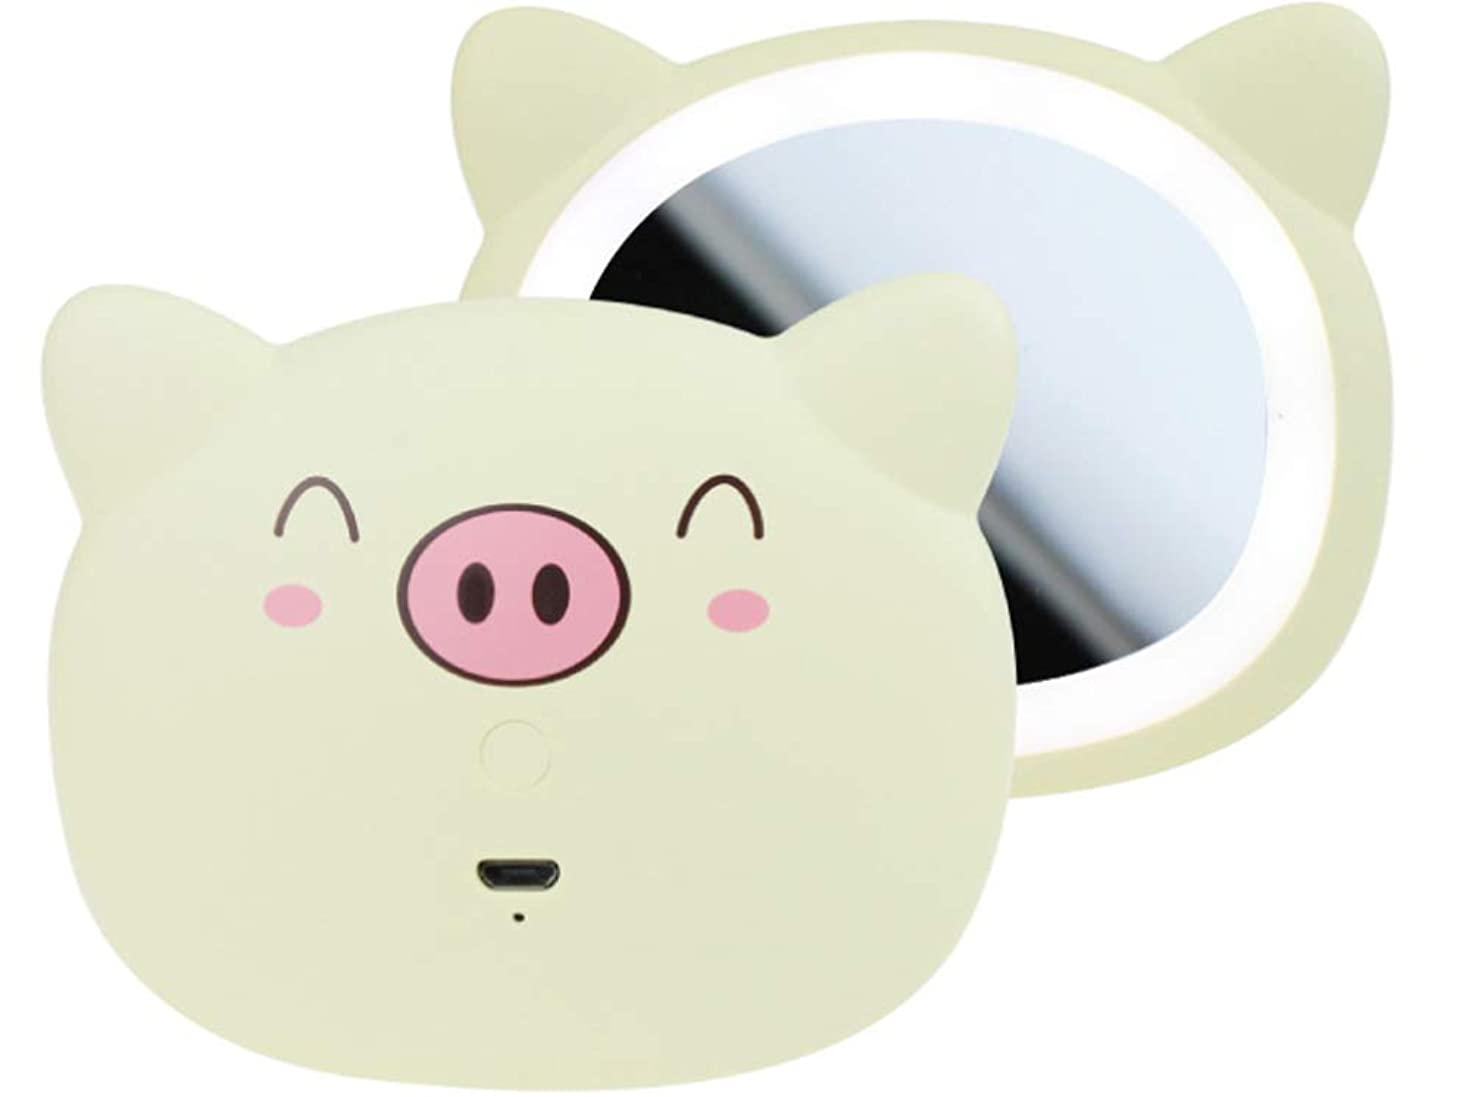 カップル適切に貫通IvyOnly MINIミラー ?化粧鏡 手鏡 LEDライト付き 外出 旅行用 可愛い豚 USB (レモン)